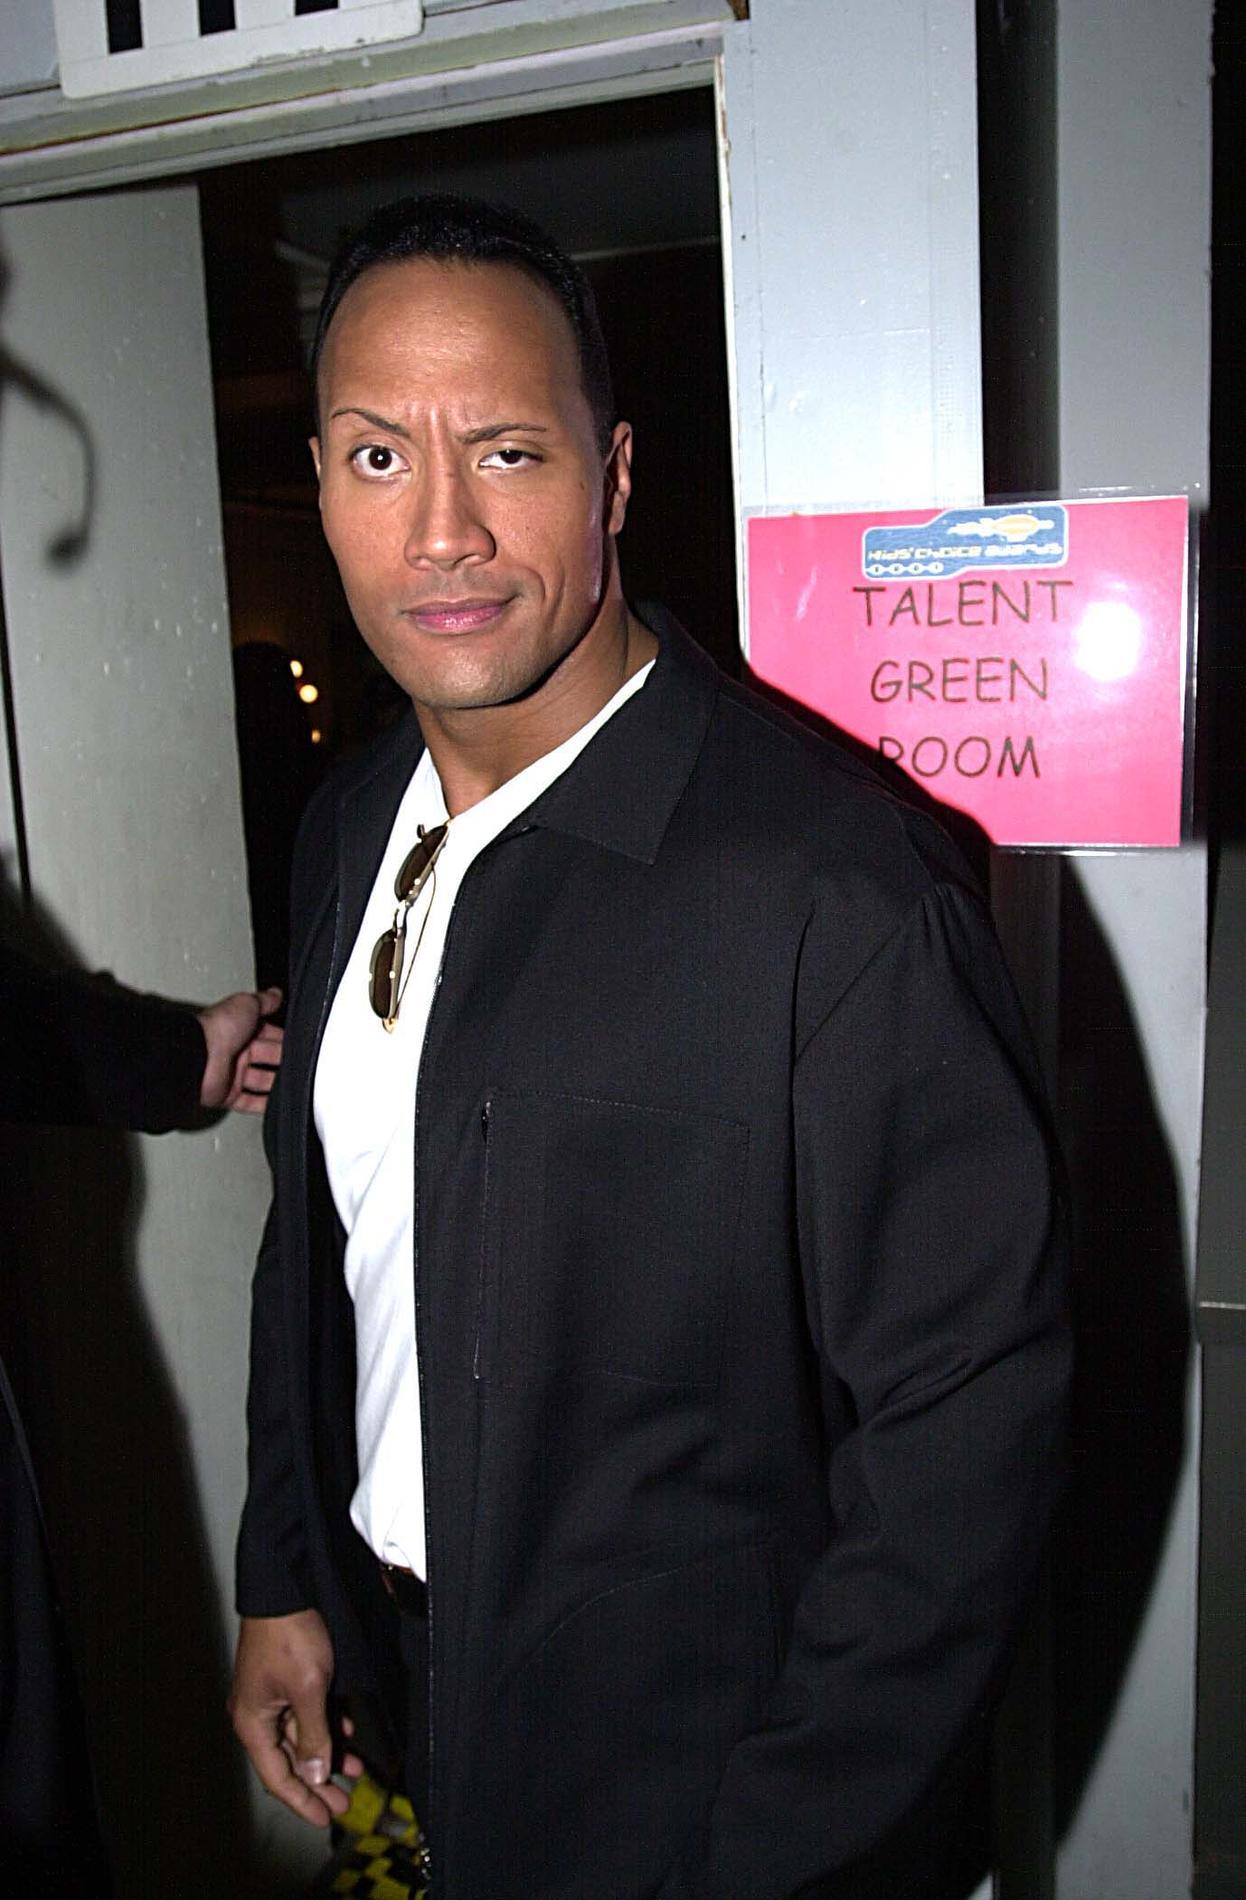 Dwayne the rock johnson est l 39 homme le plus sexy du monde ah bon madame figaro - L homme le plus beau au monde ...